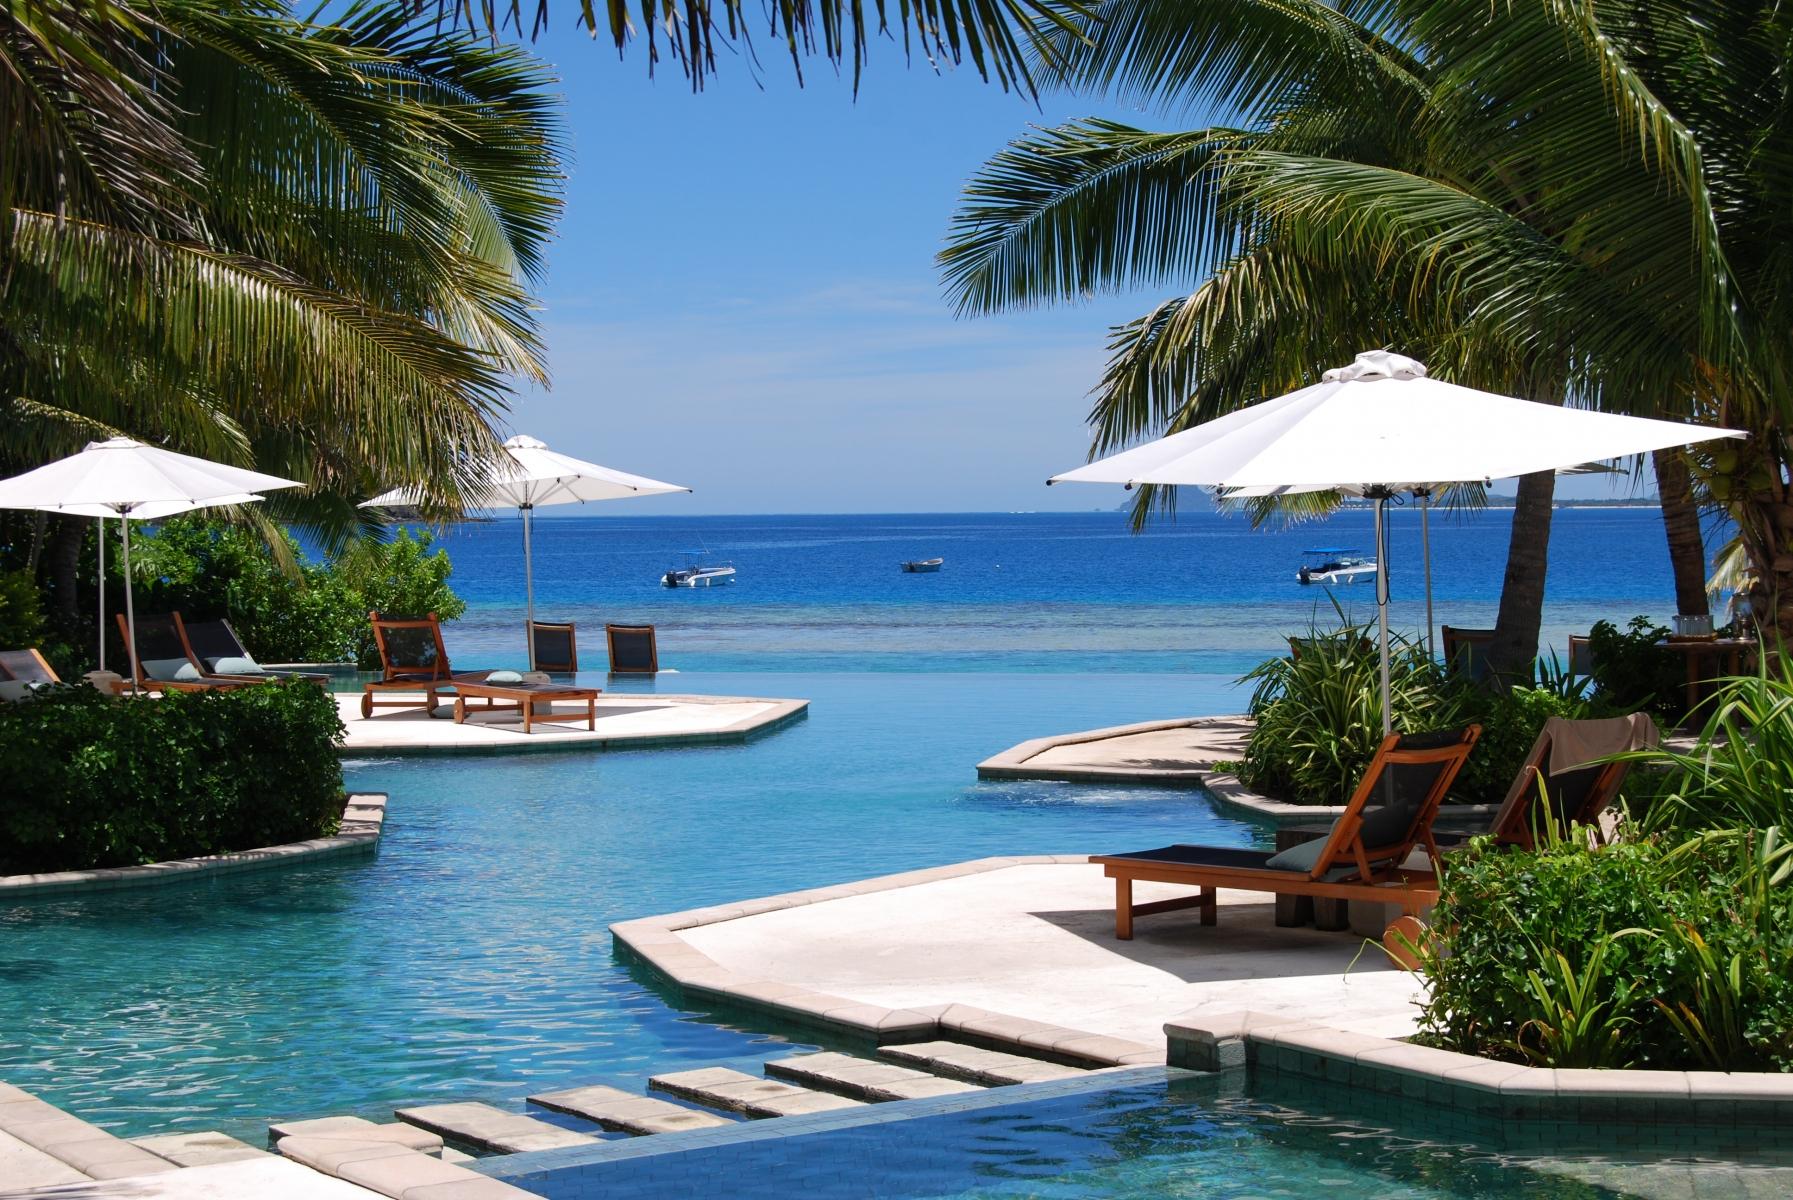 Likuliku-Lagoon-Resort-Fiji-2-1-2011-1-48-30-PM